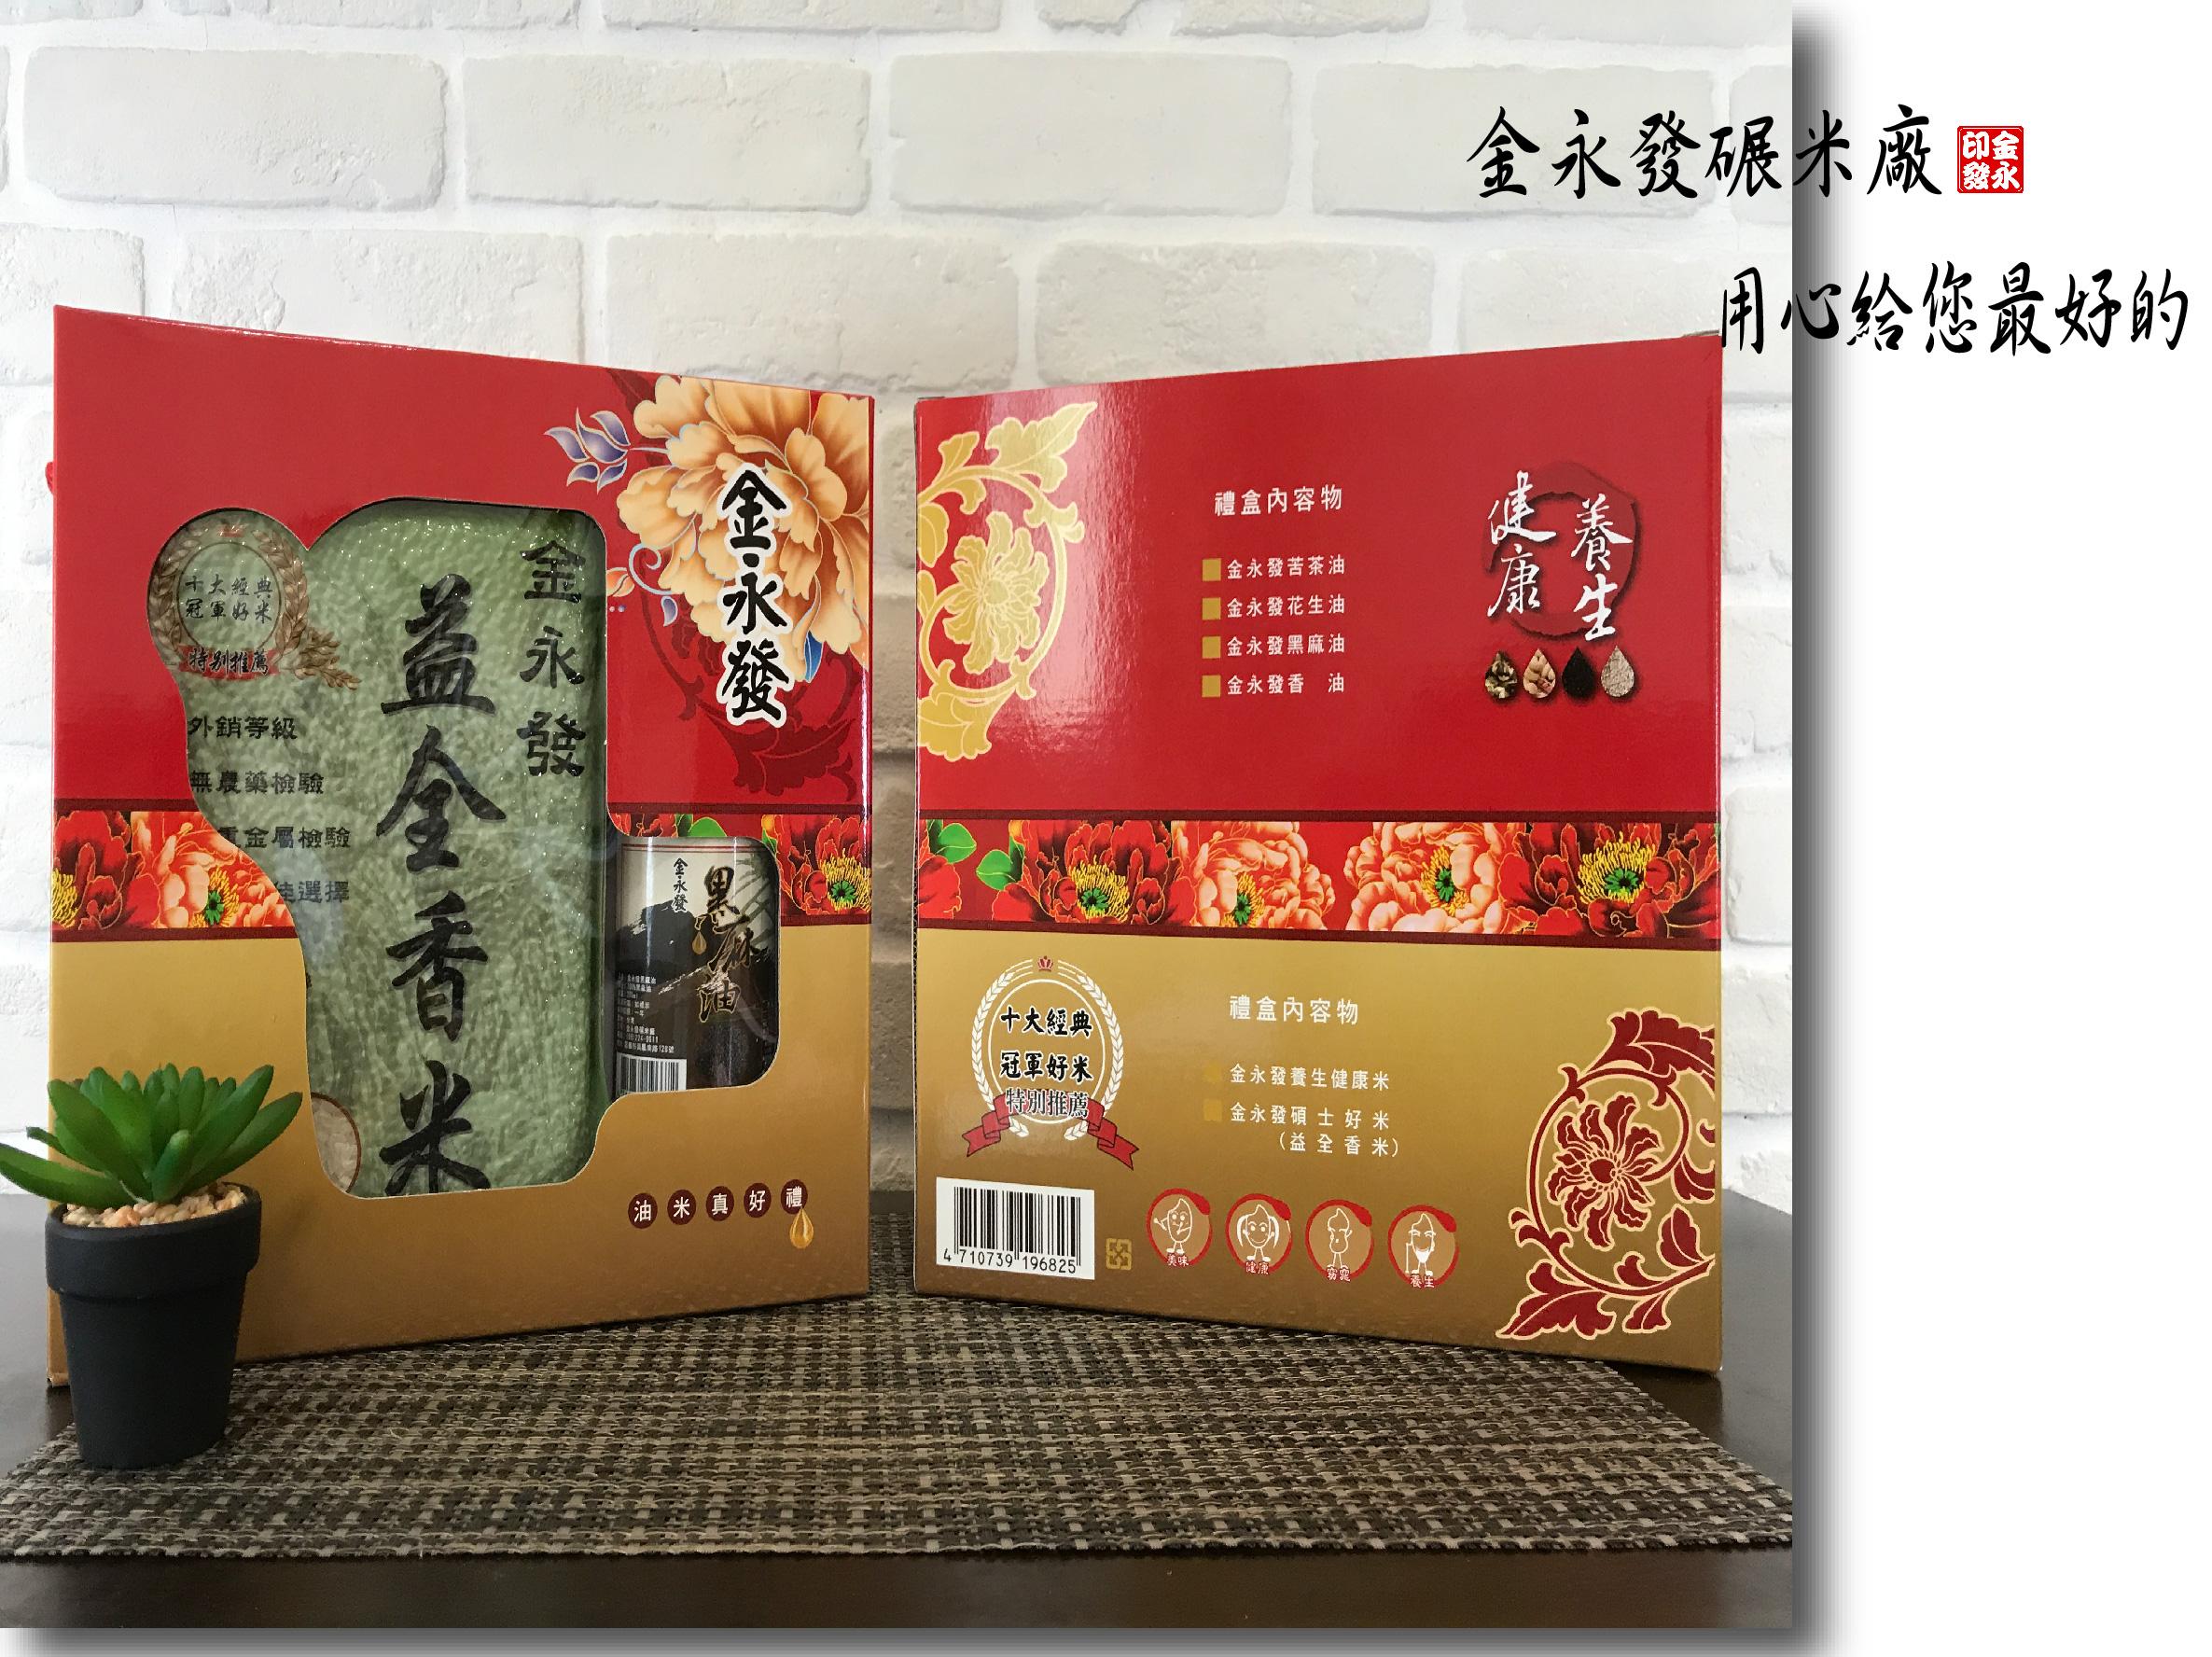 油米真好禮盒-商品分類-01.jpg